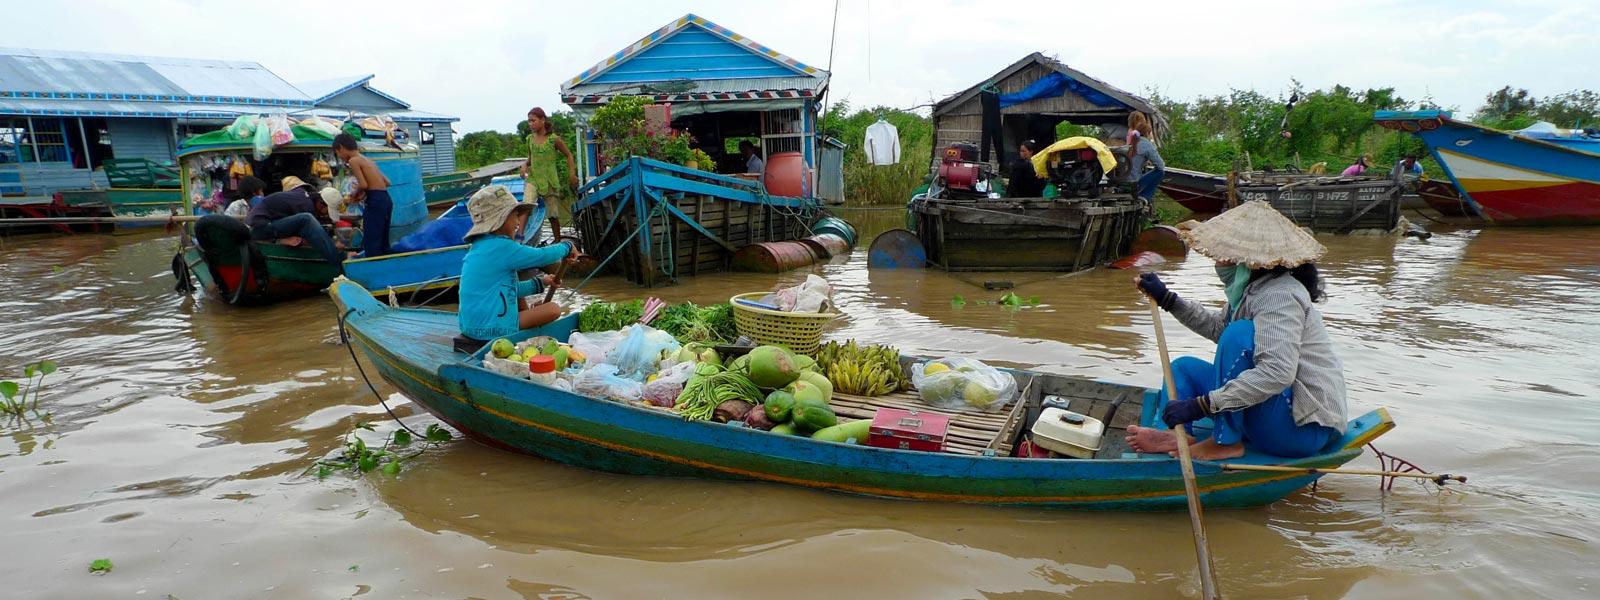 cambodia tour - asia trip